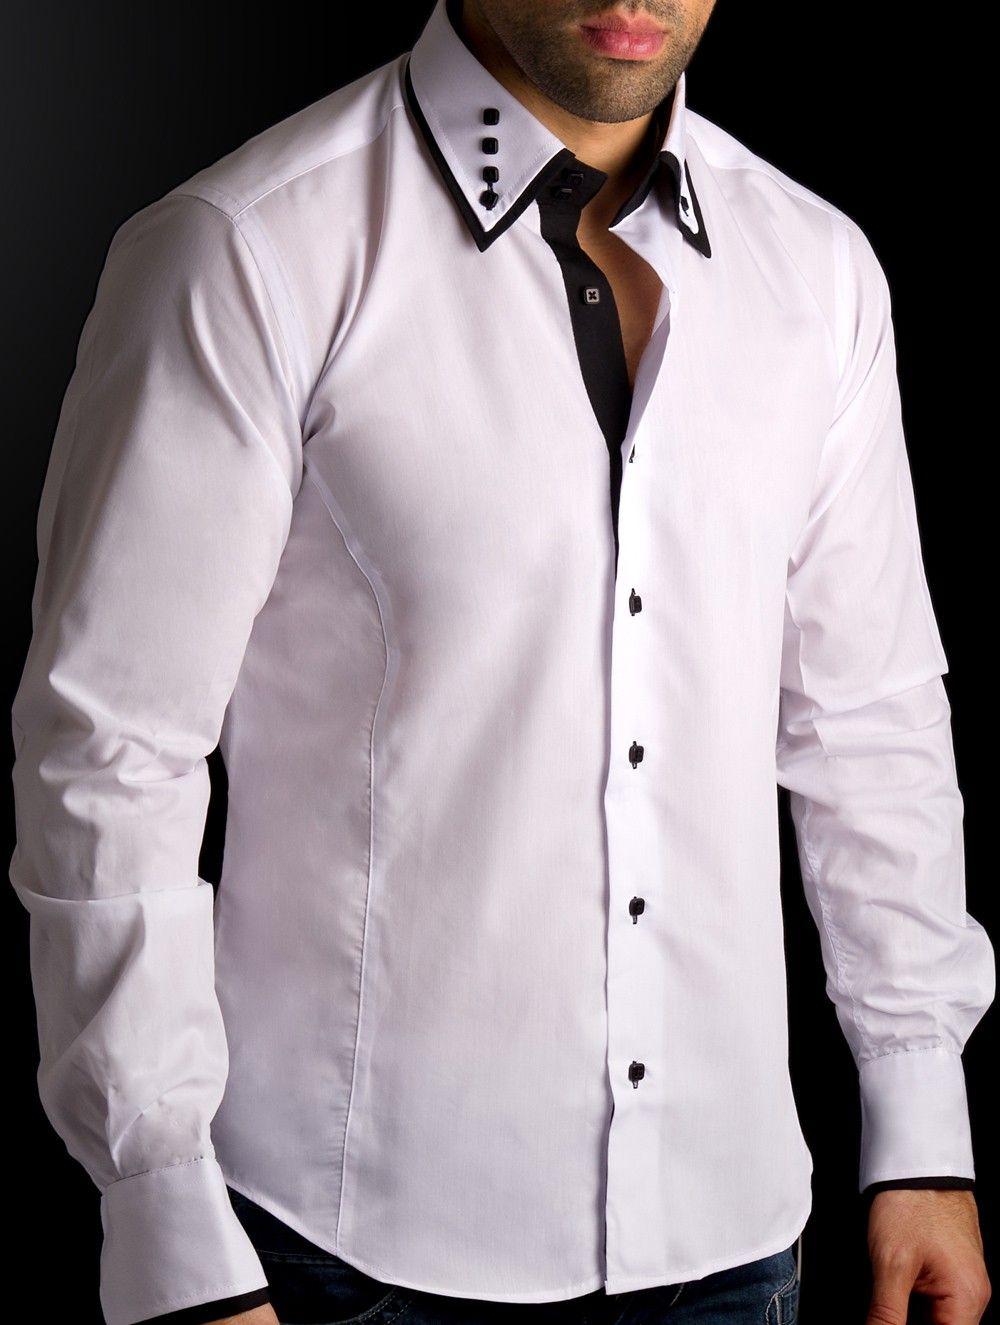 0494bc449 camisas blancas para hombre - Buscar con Google